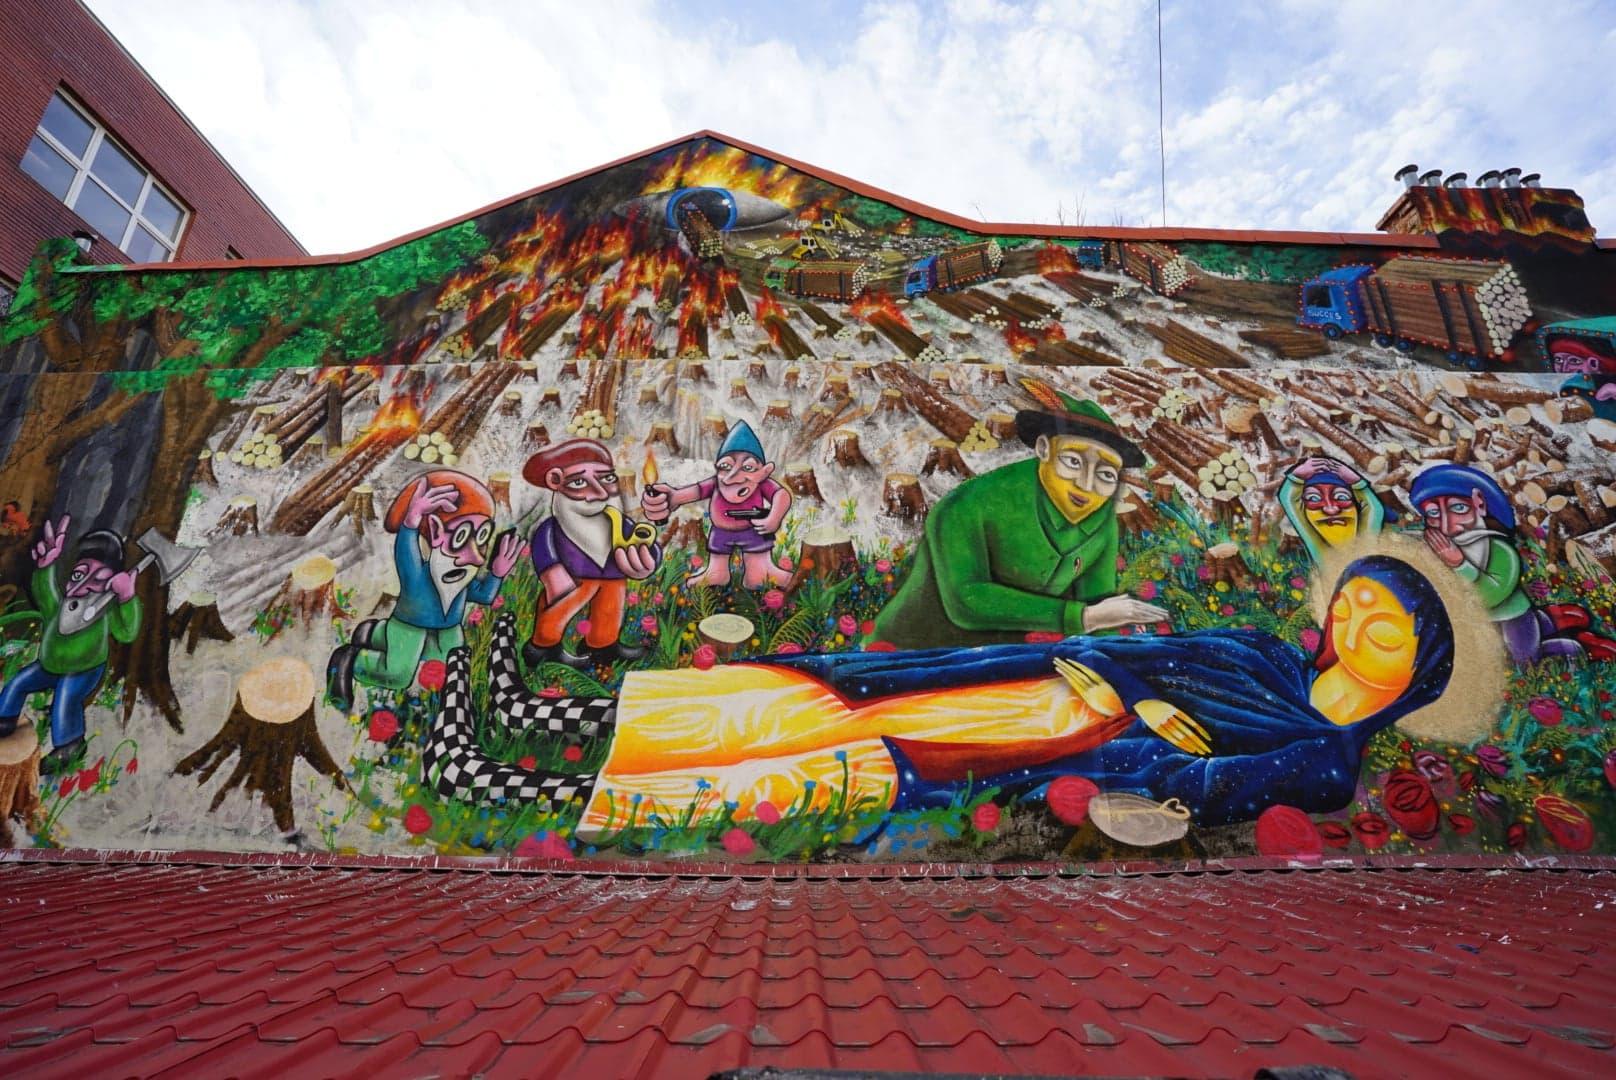 2020 Irlo & Kero NOM crew mural Bucharest